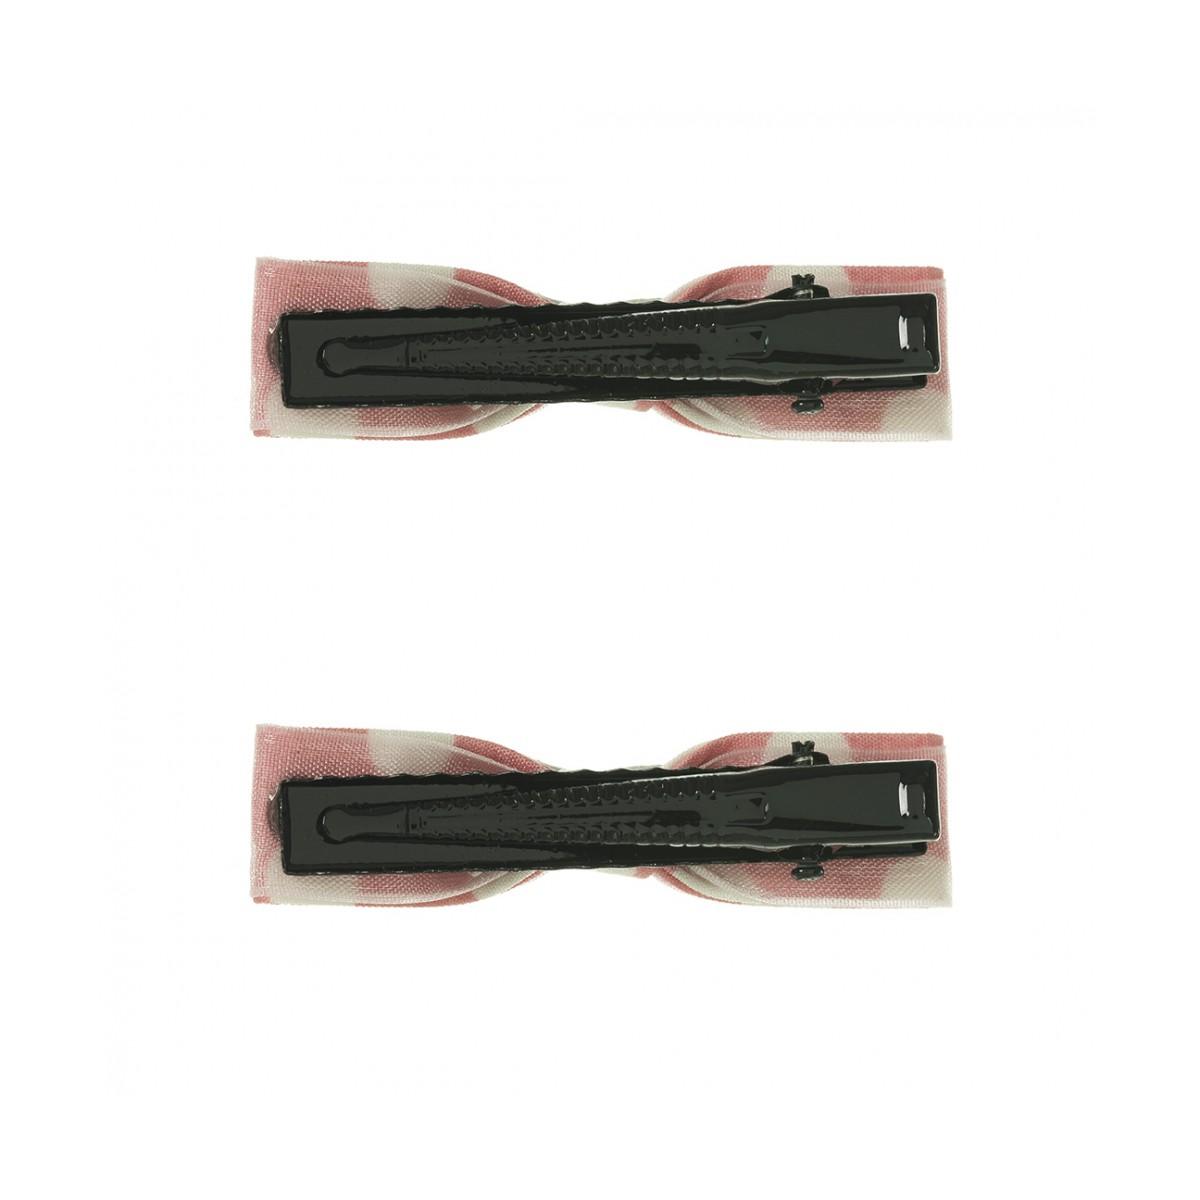 Spinka do włosów 130277-8 (2szt)